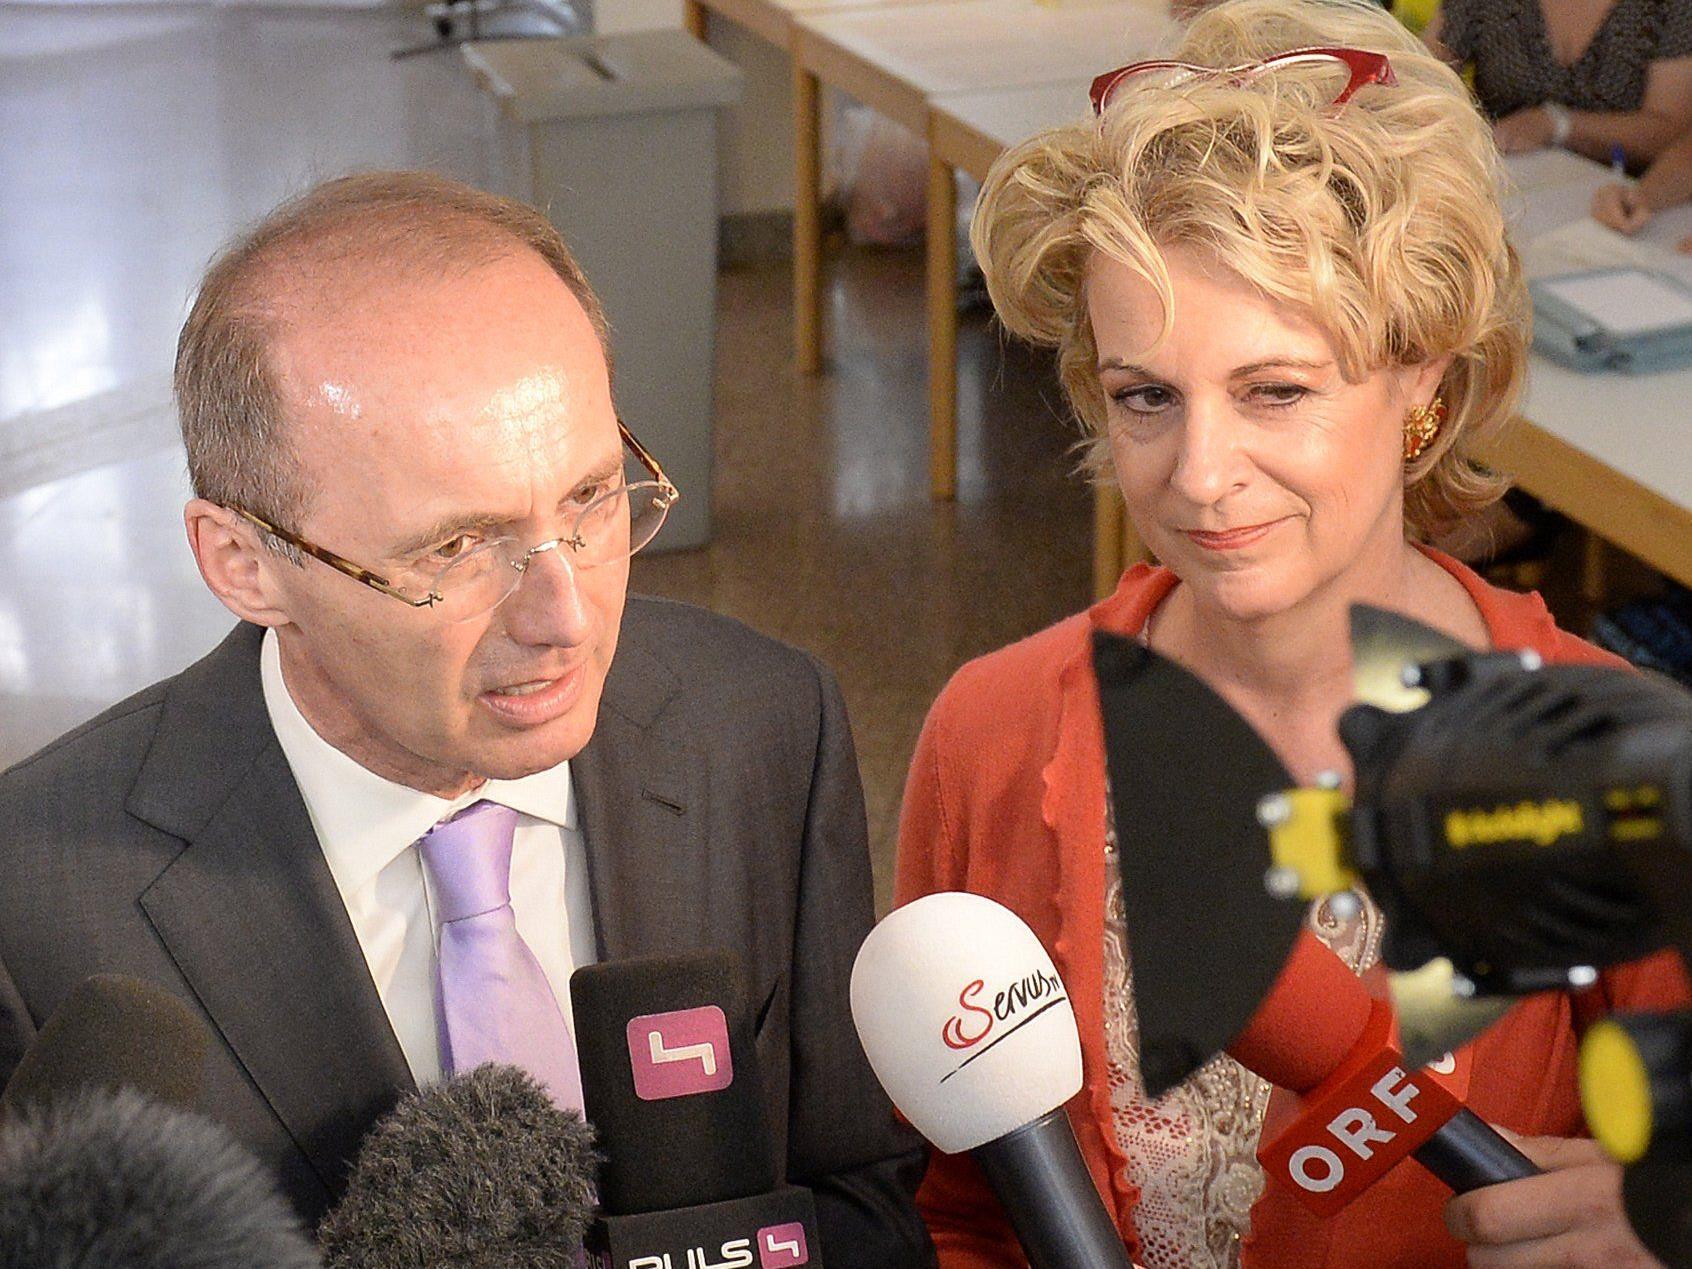 Spitzenkandidat Othmar Karas gab seine Stimme in Wien ab.